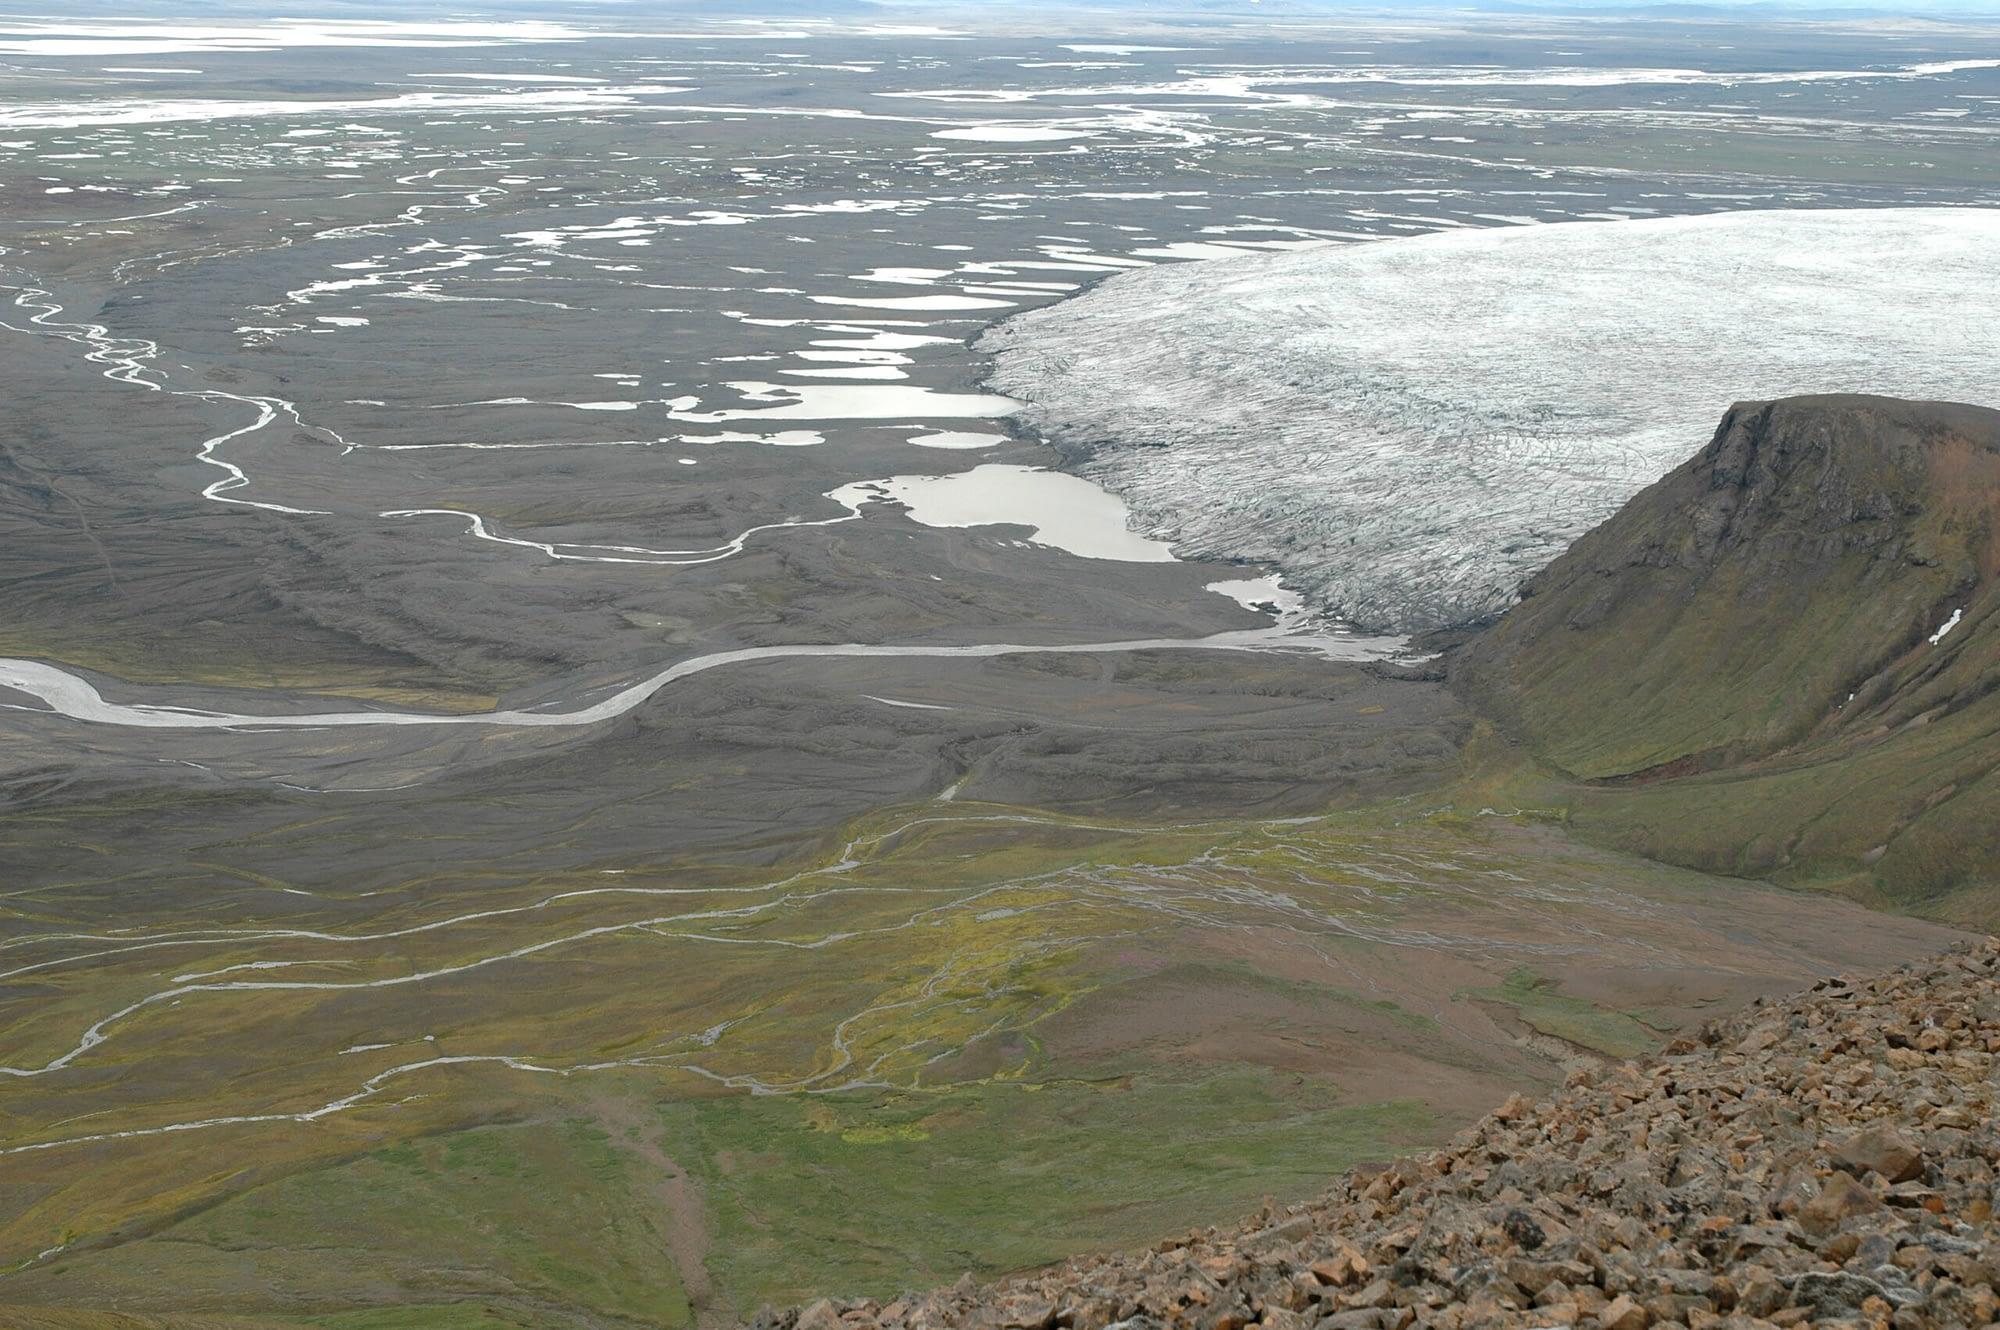 Þjórsárver eru hjarta landsins, stækkum friðlandið og tryggjum að það verði ekki skemmt fyrir stóriðju, landvernd.is